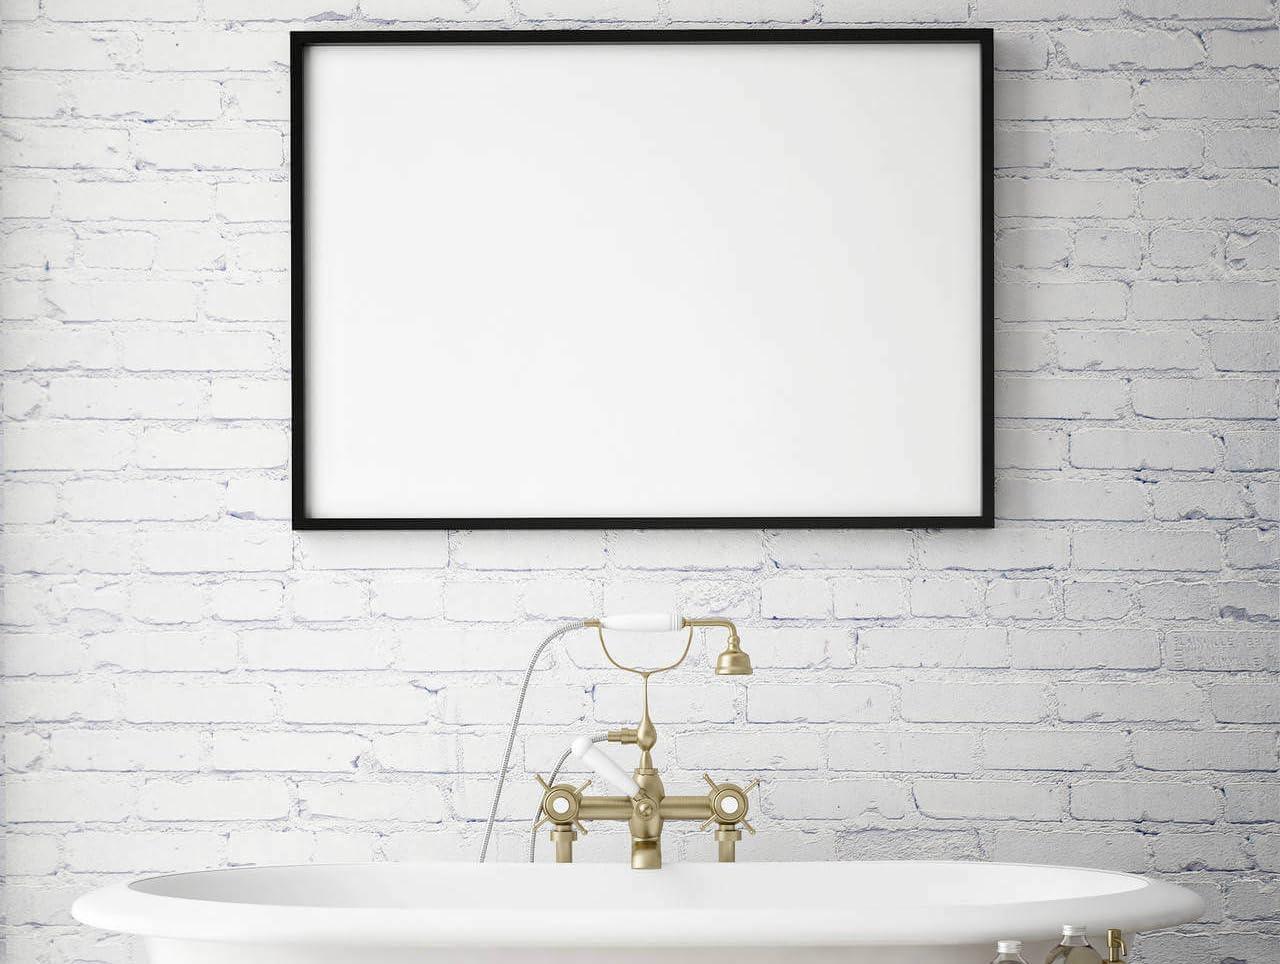 Amazon.de GAEKKO Bildaufhänger Bilder aufhängen im Badezimmer